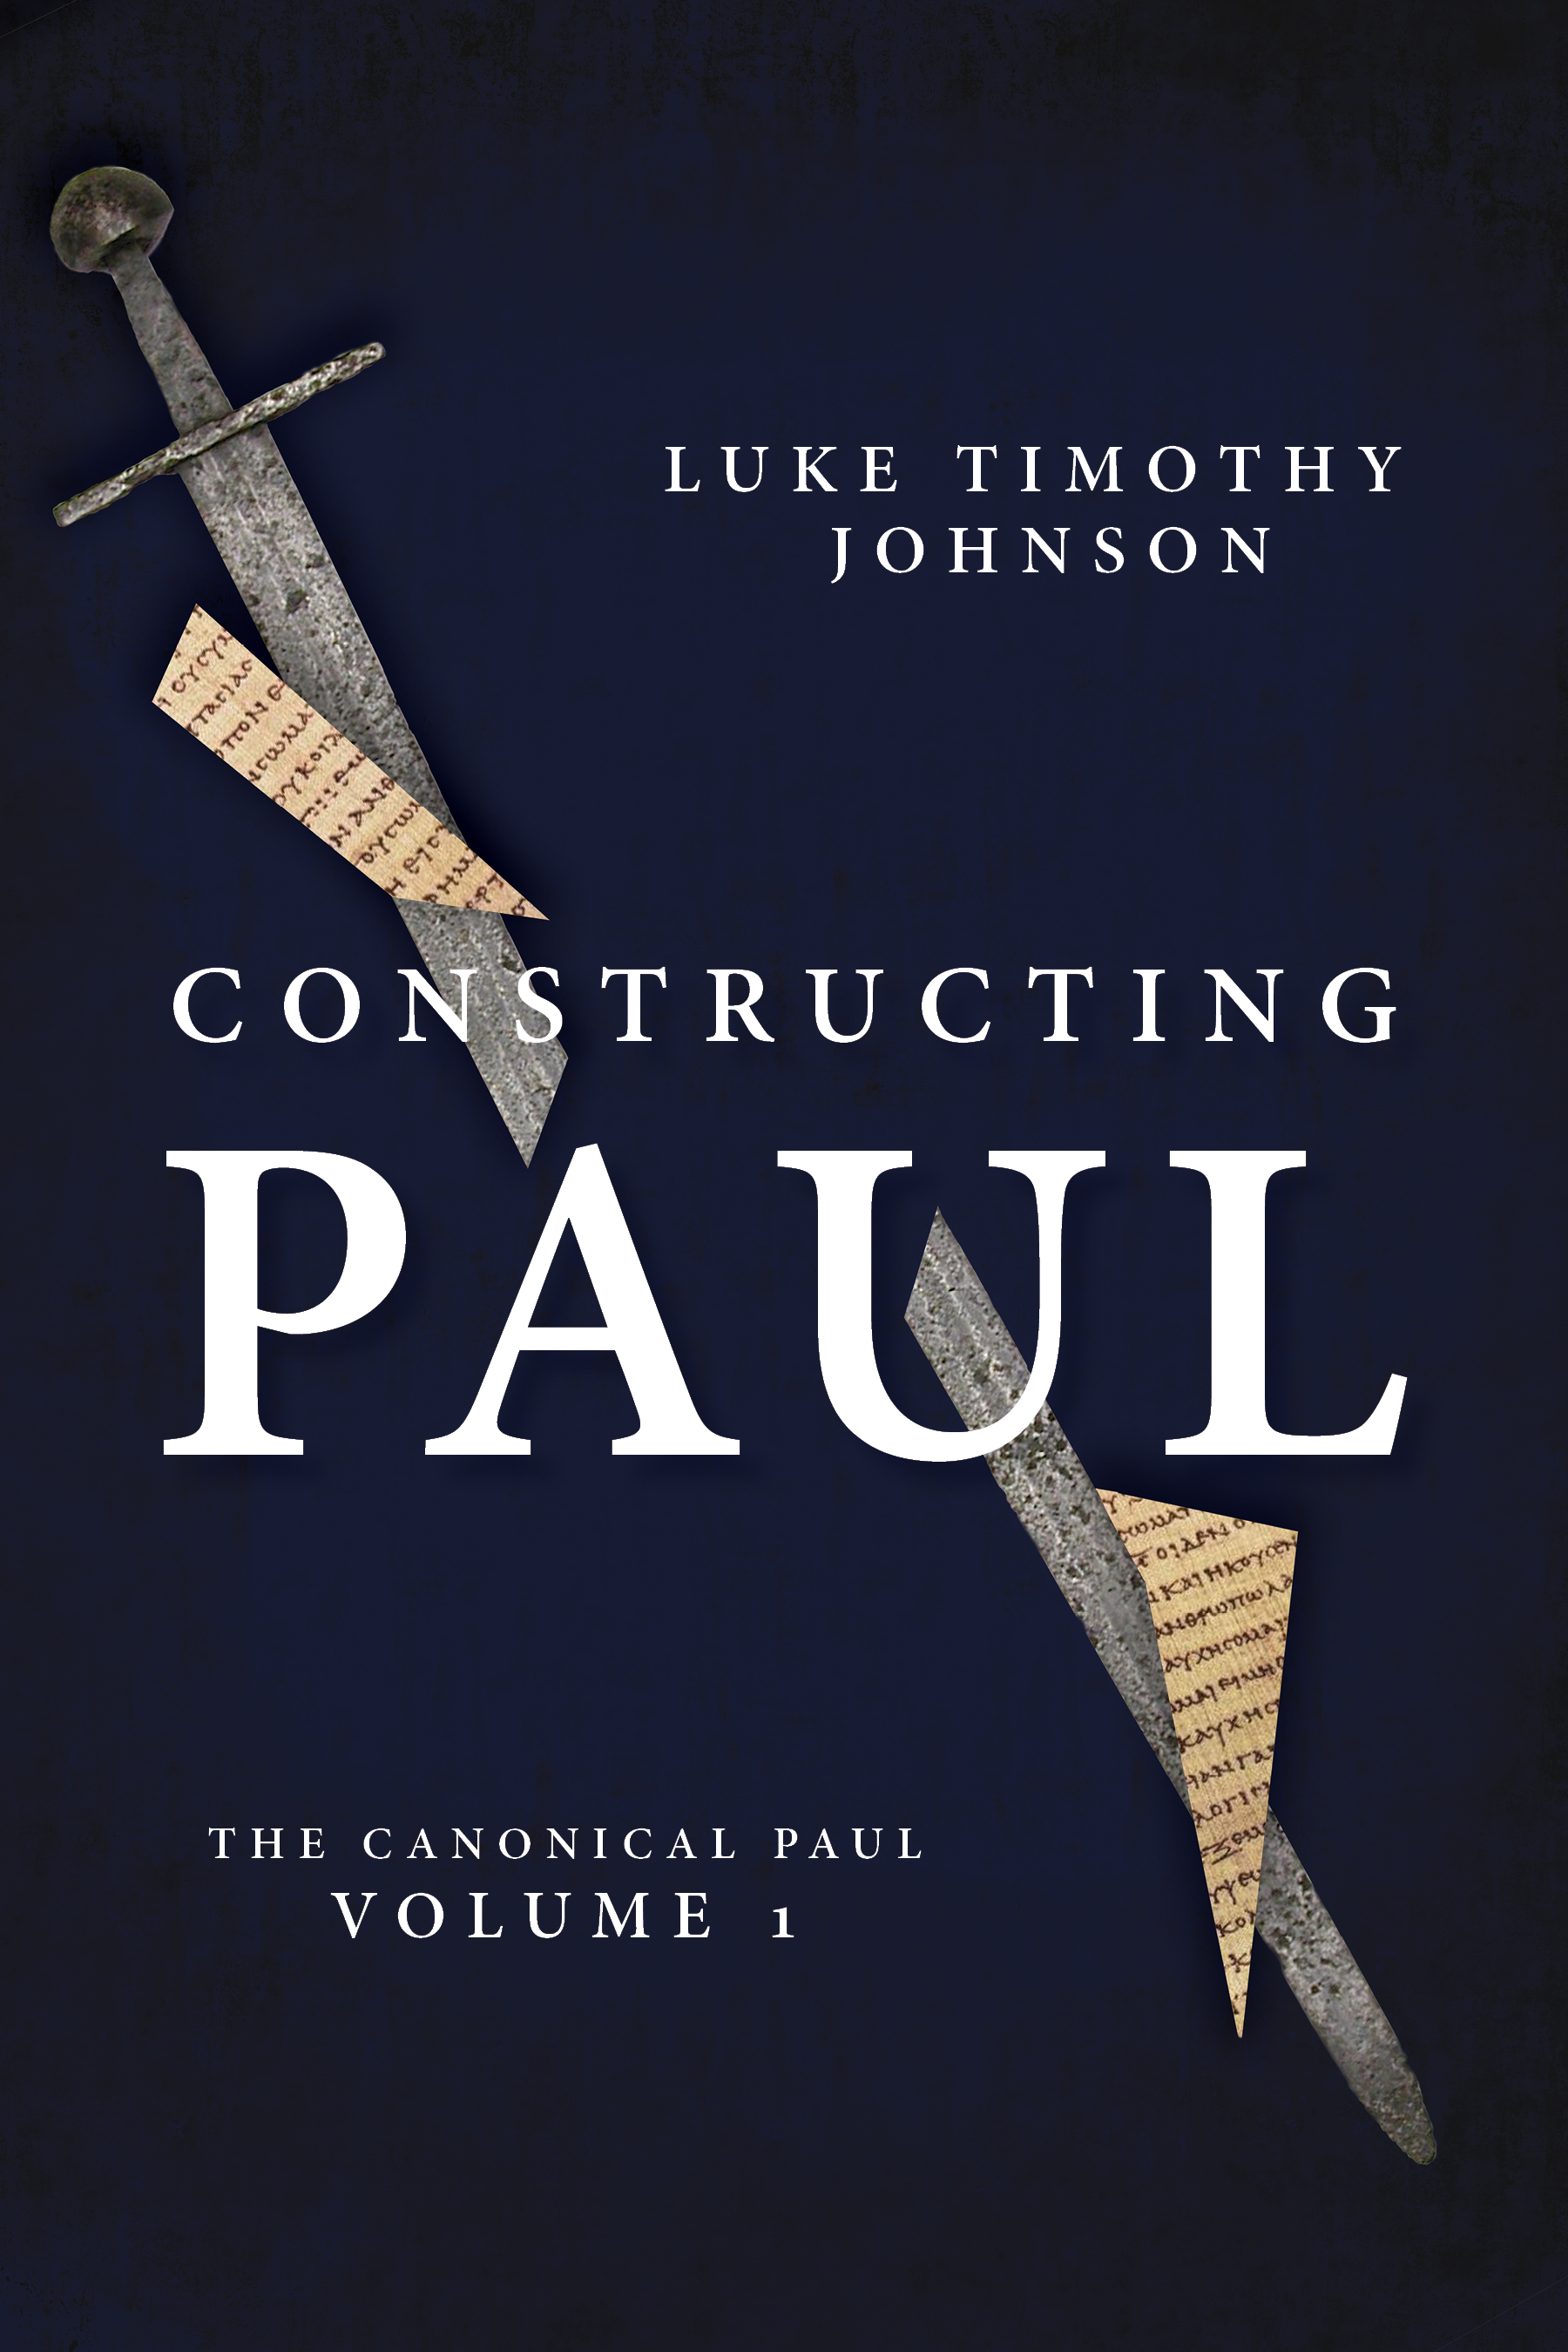 Constructing Paul